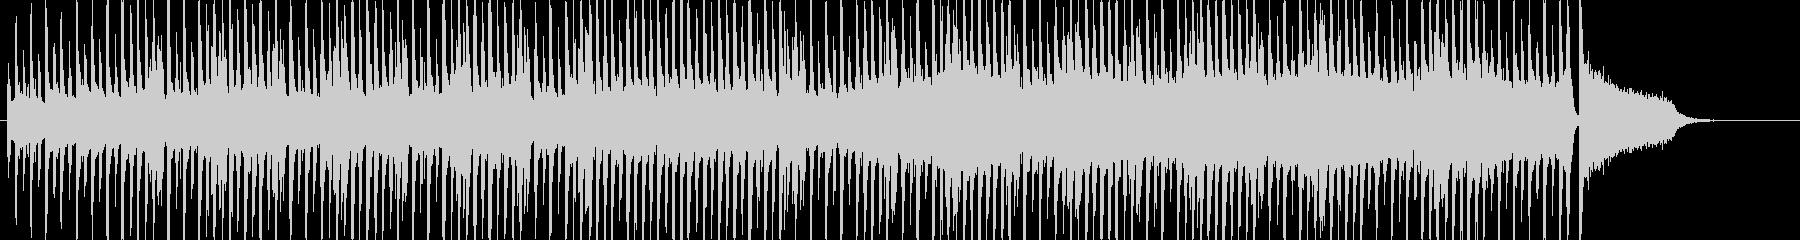 手拍子とアコギ、口笛のほのぼのBGMの未再生の波形